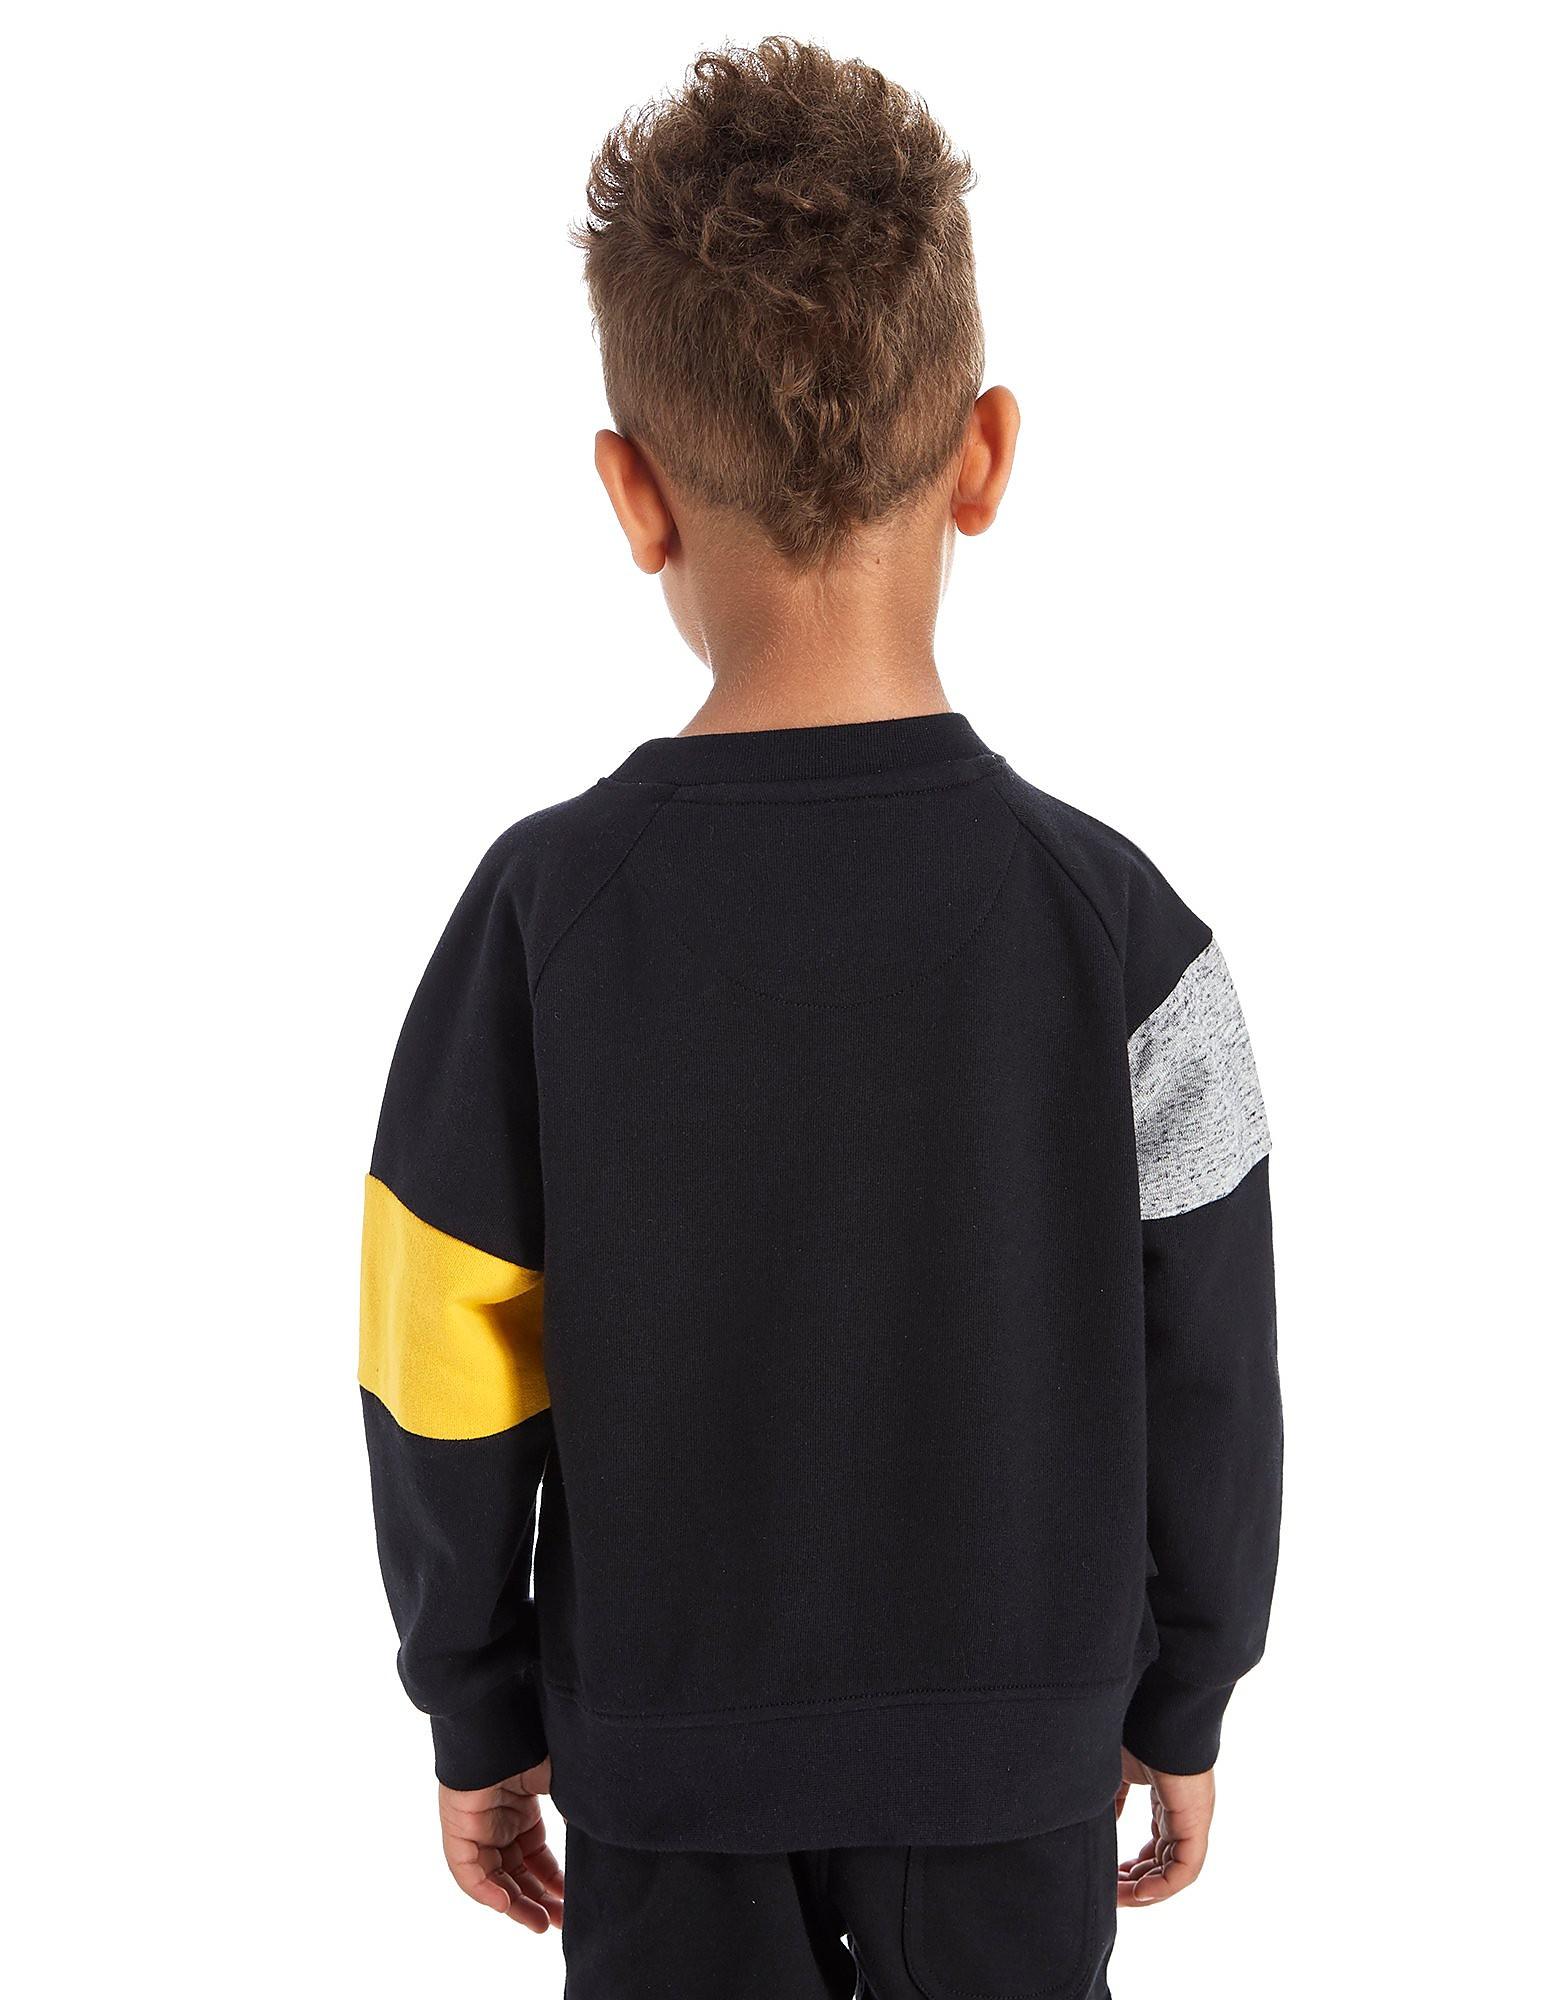 Sonneti Alert Crew Sweatshirt Children